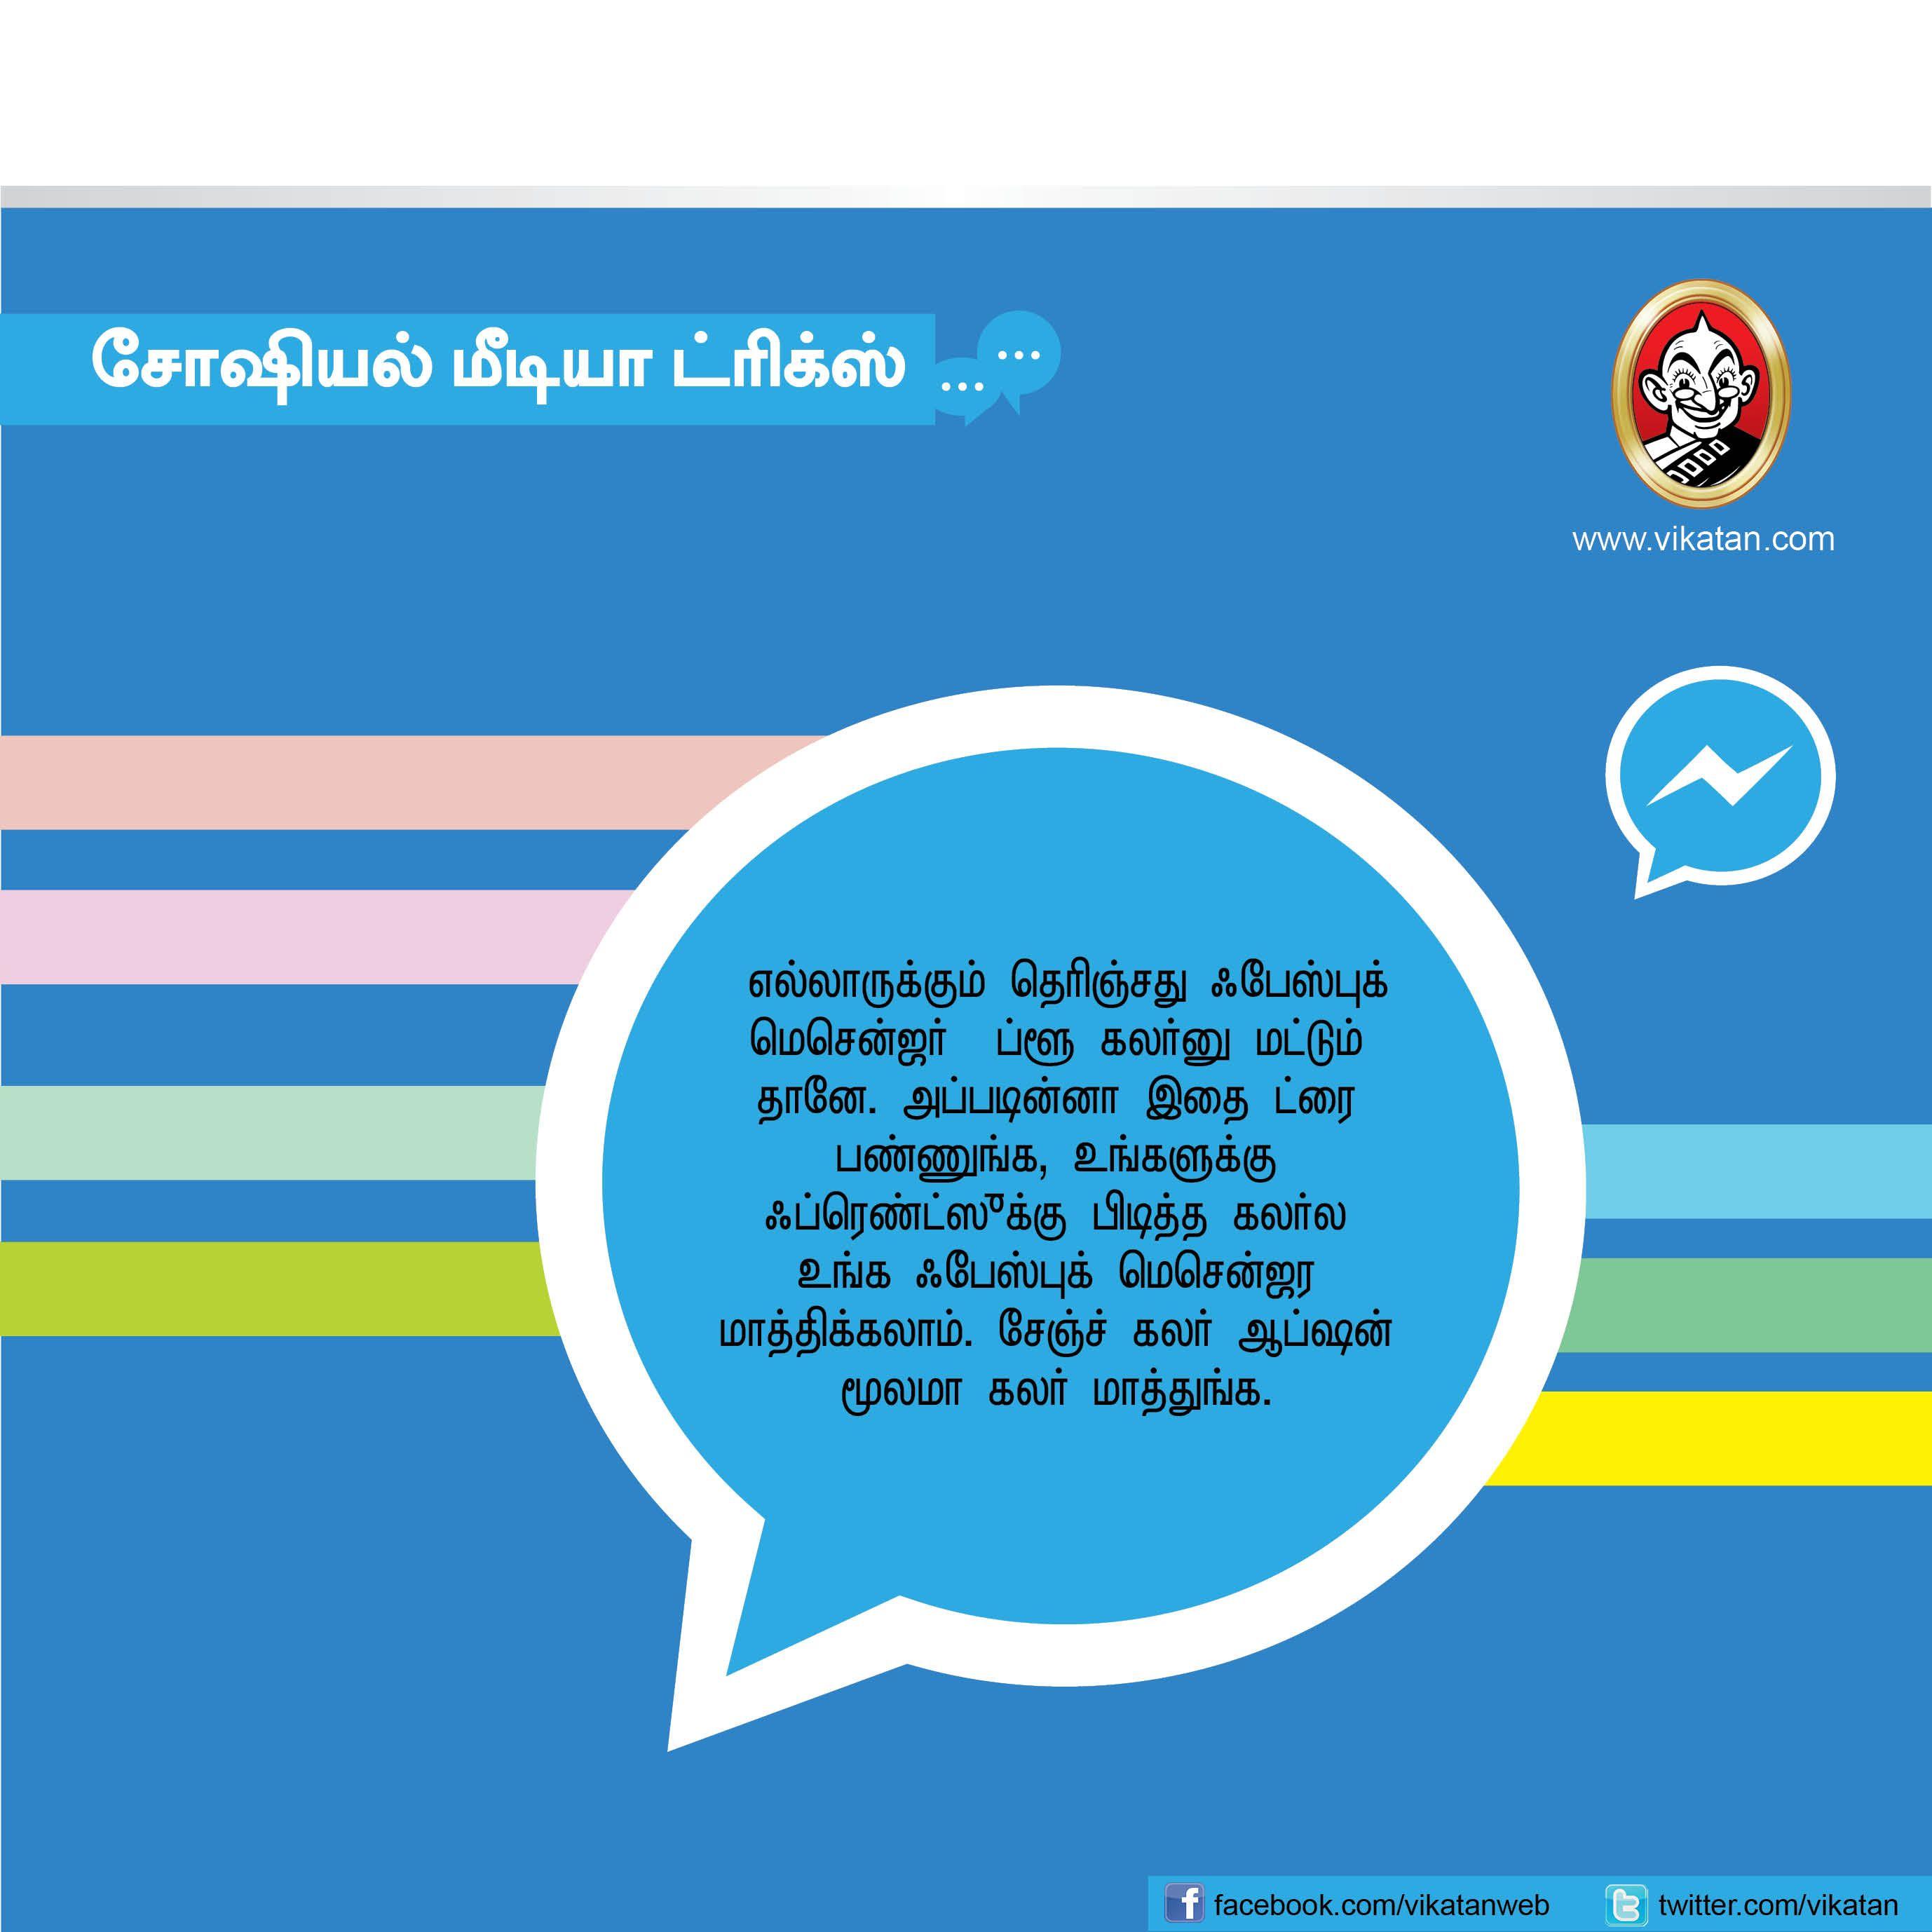 யூட்யூப், ஃபேஸ்புக், வாட்ஸ்அப் தெரியும்... இந்த டிரிக்ஸ் தெரியுமா? #VikatanPhotoStory